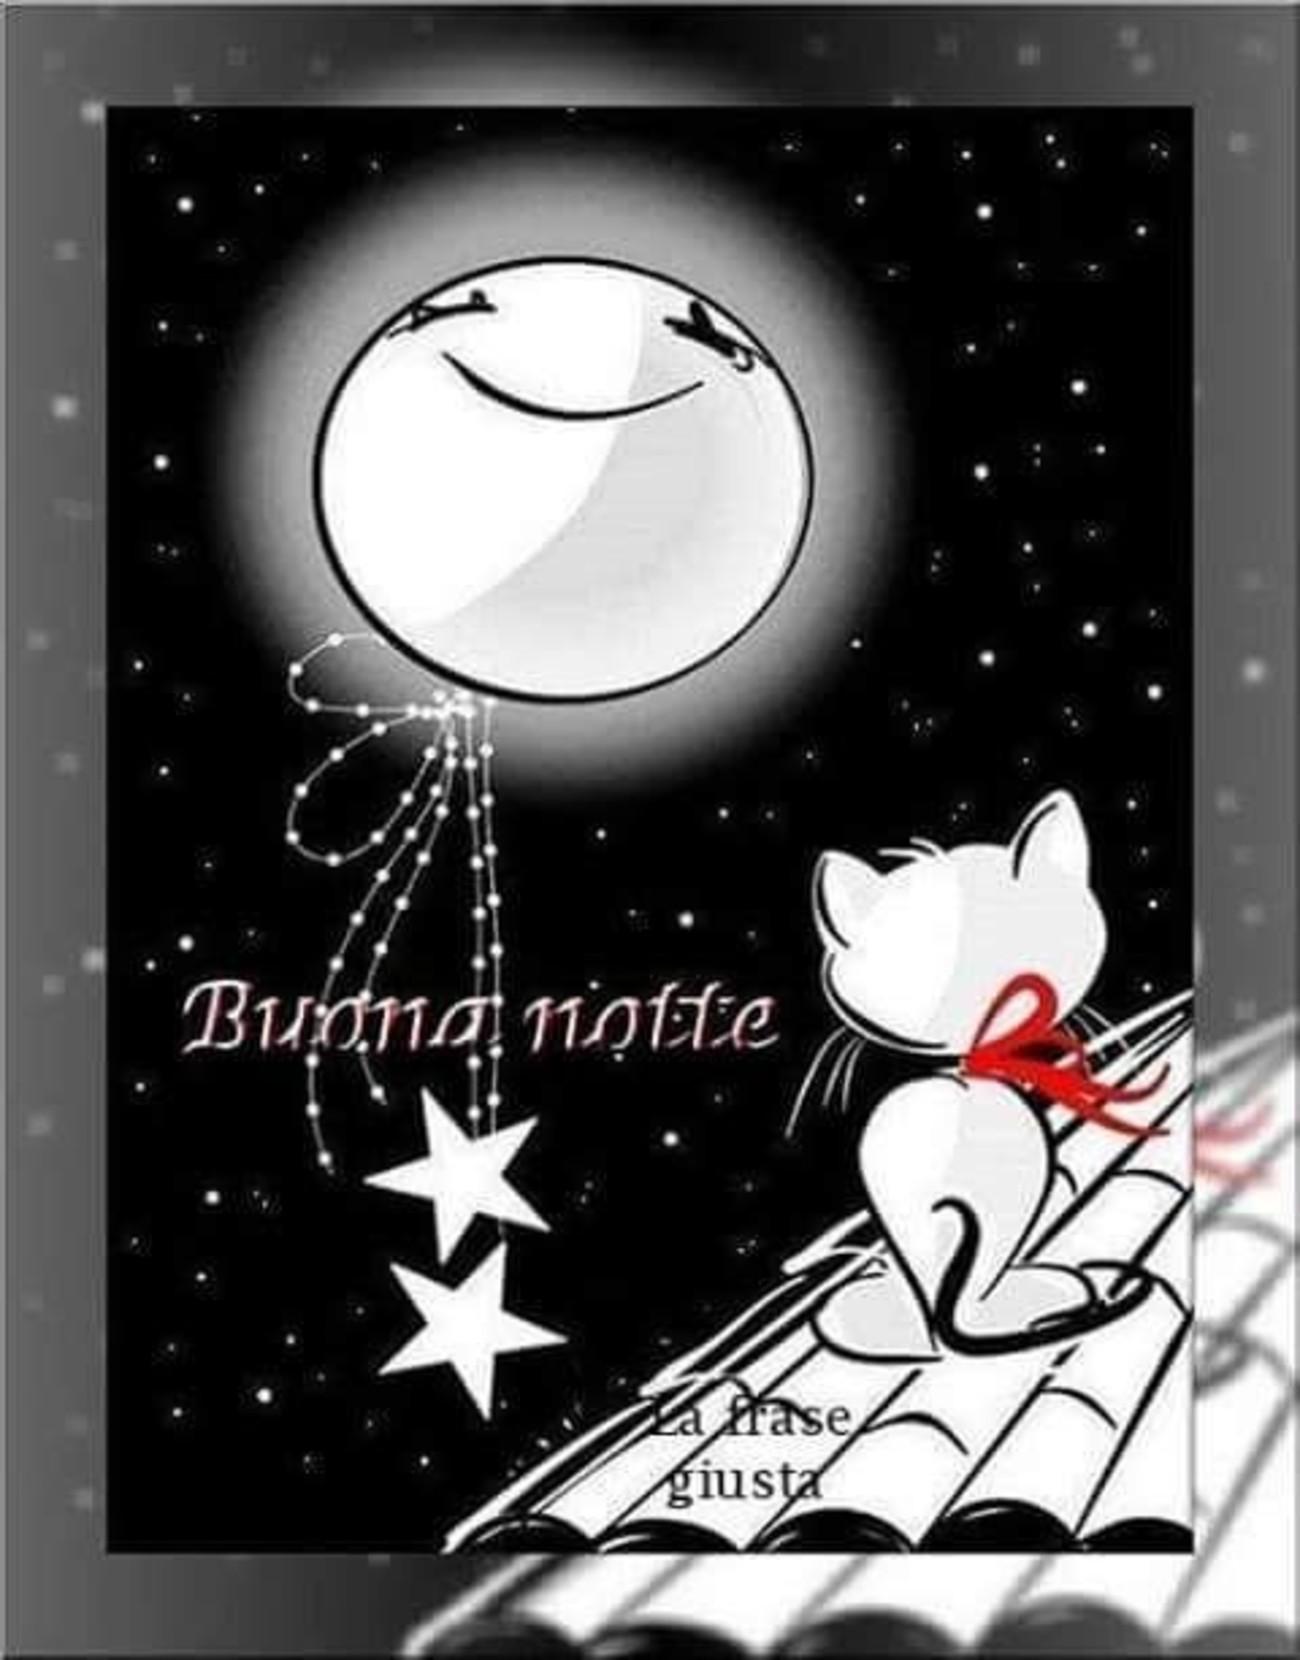 Buonanotte A Tutti 7 Buongiornoate It